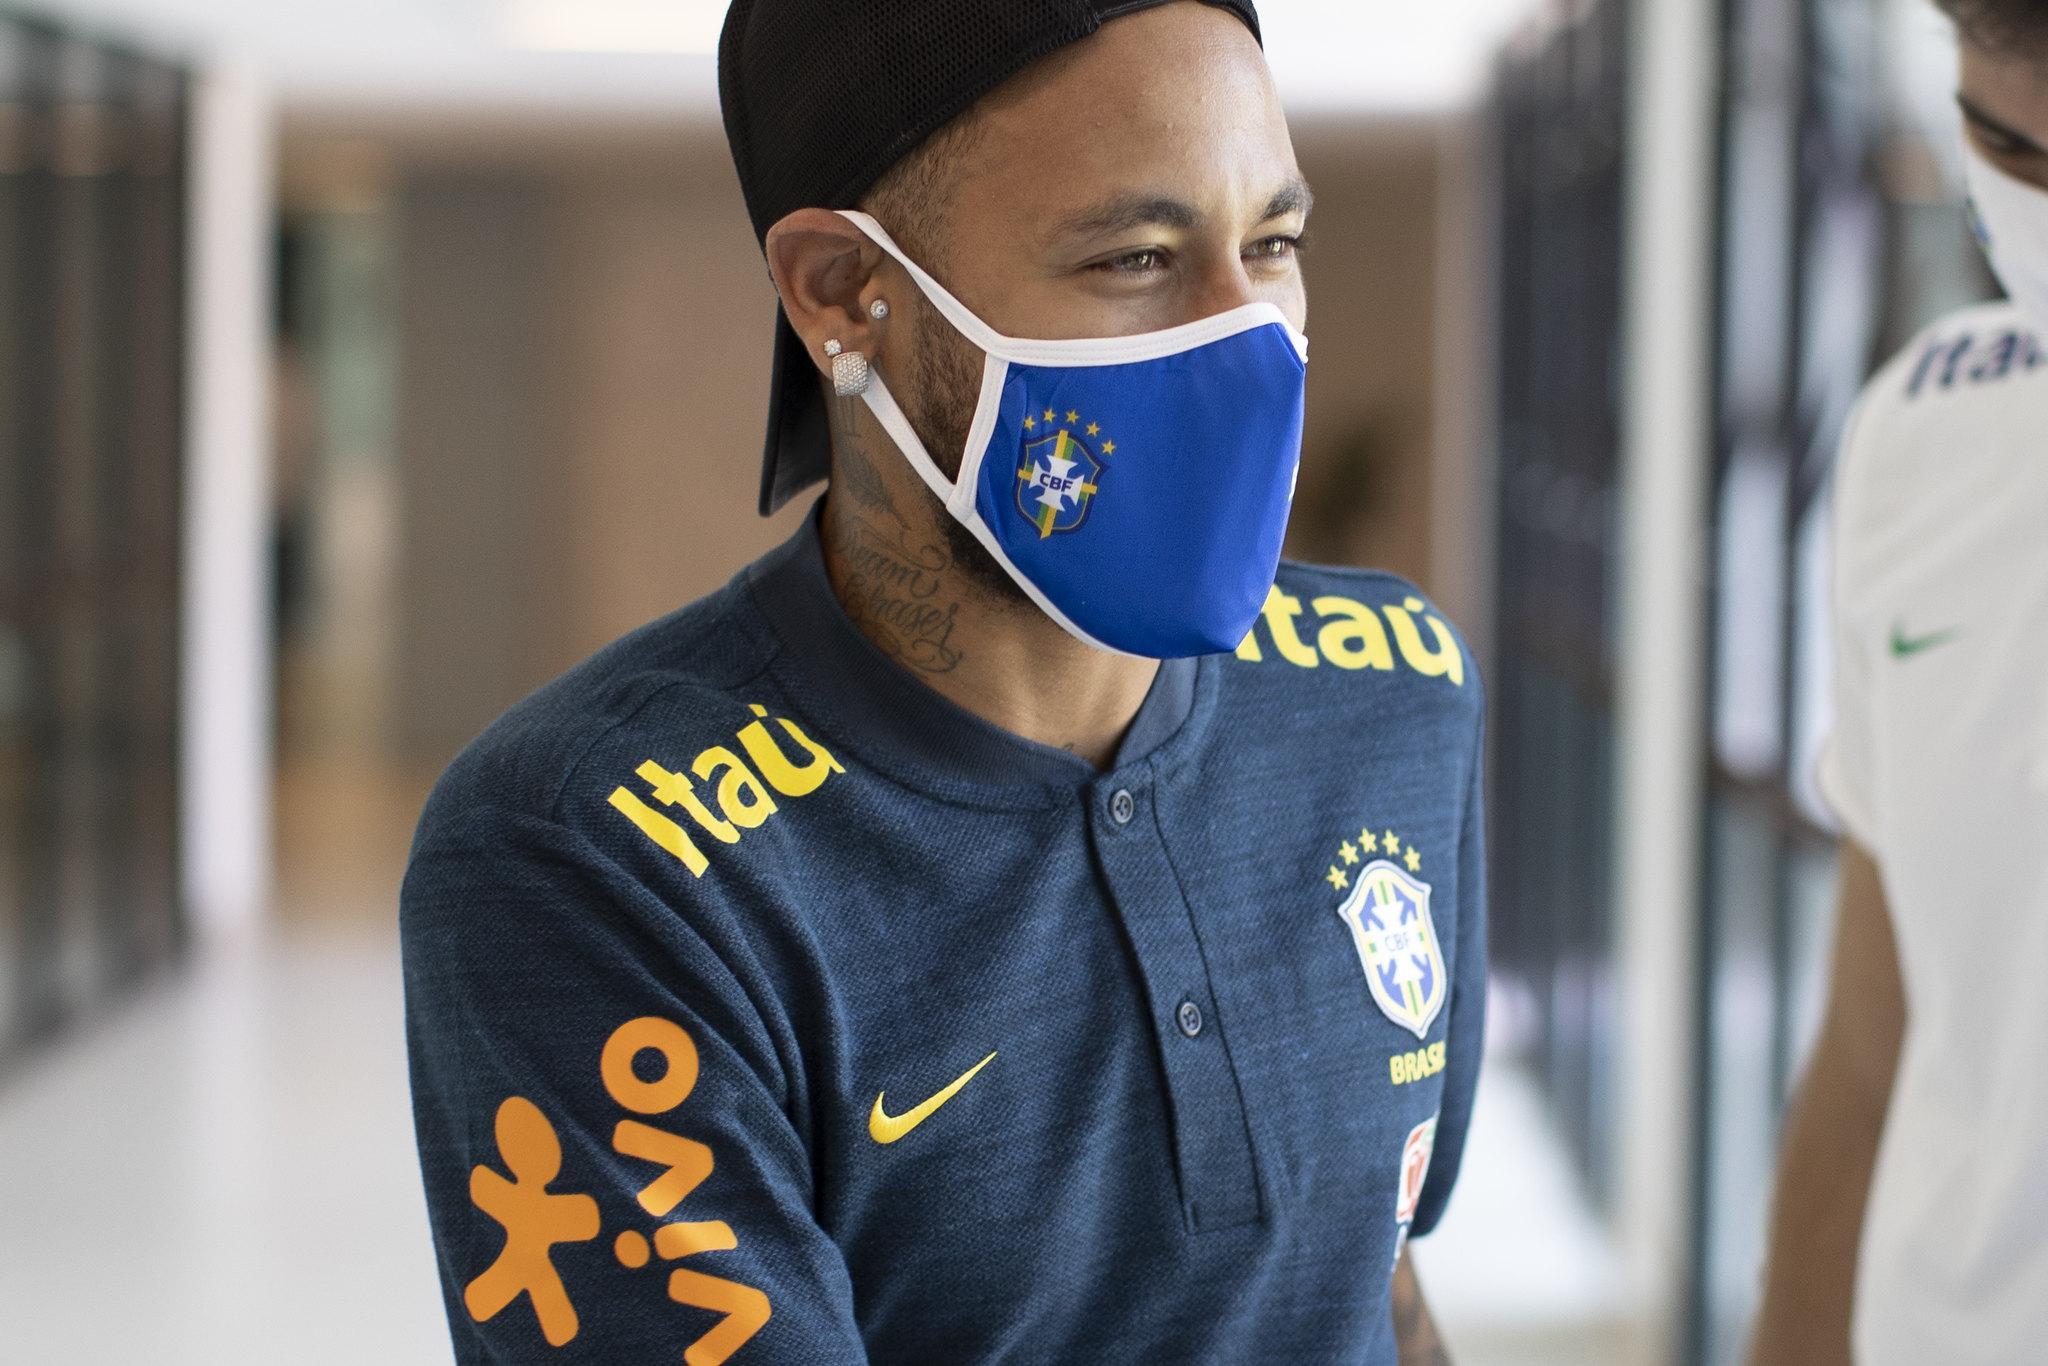 Jogador da Seleção Brasileira mostra descaso com os mais de 190 mil mortos pela Covid-19 no Brasil